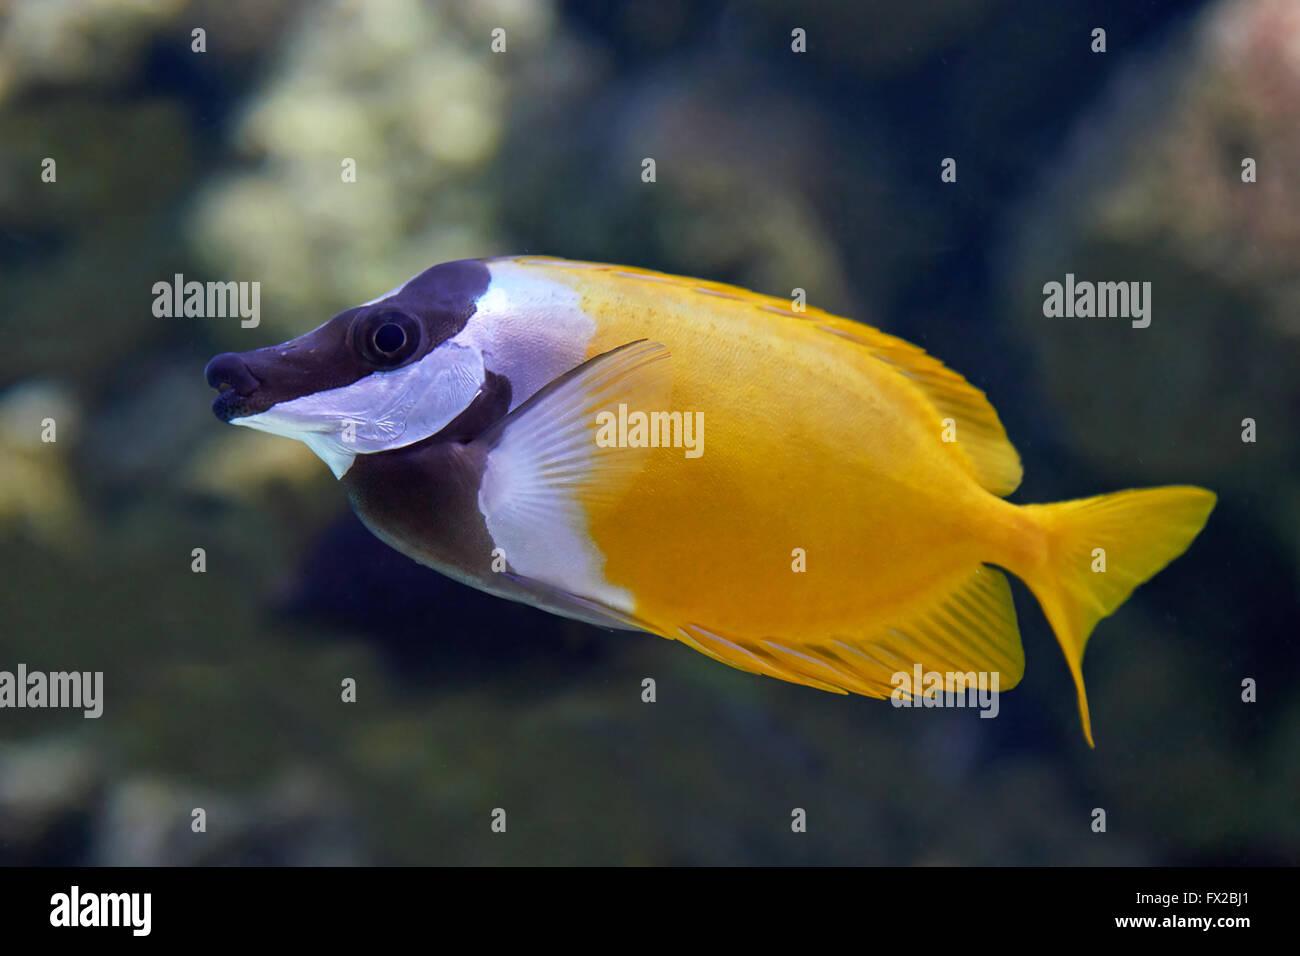 foxface fish stock photos foxface fish stock images alamy